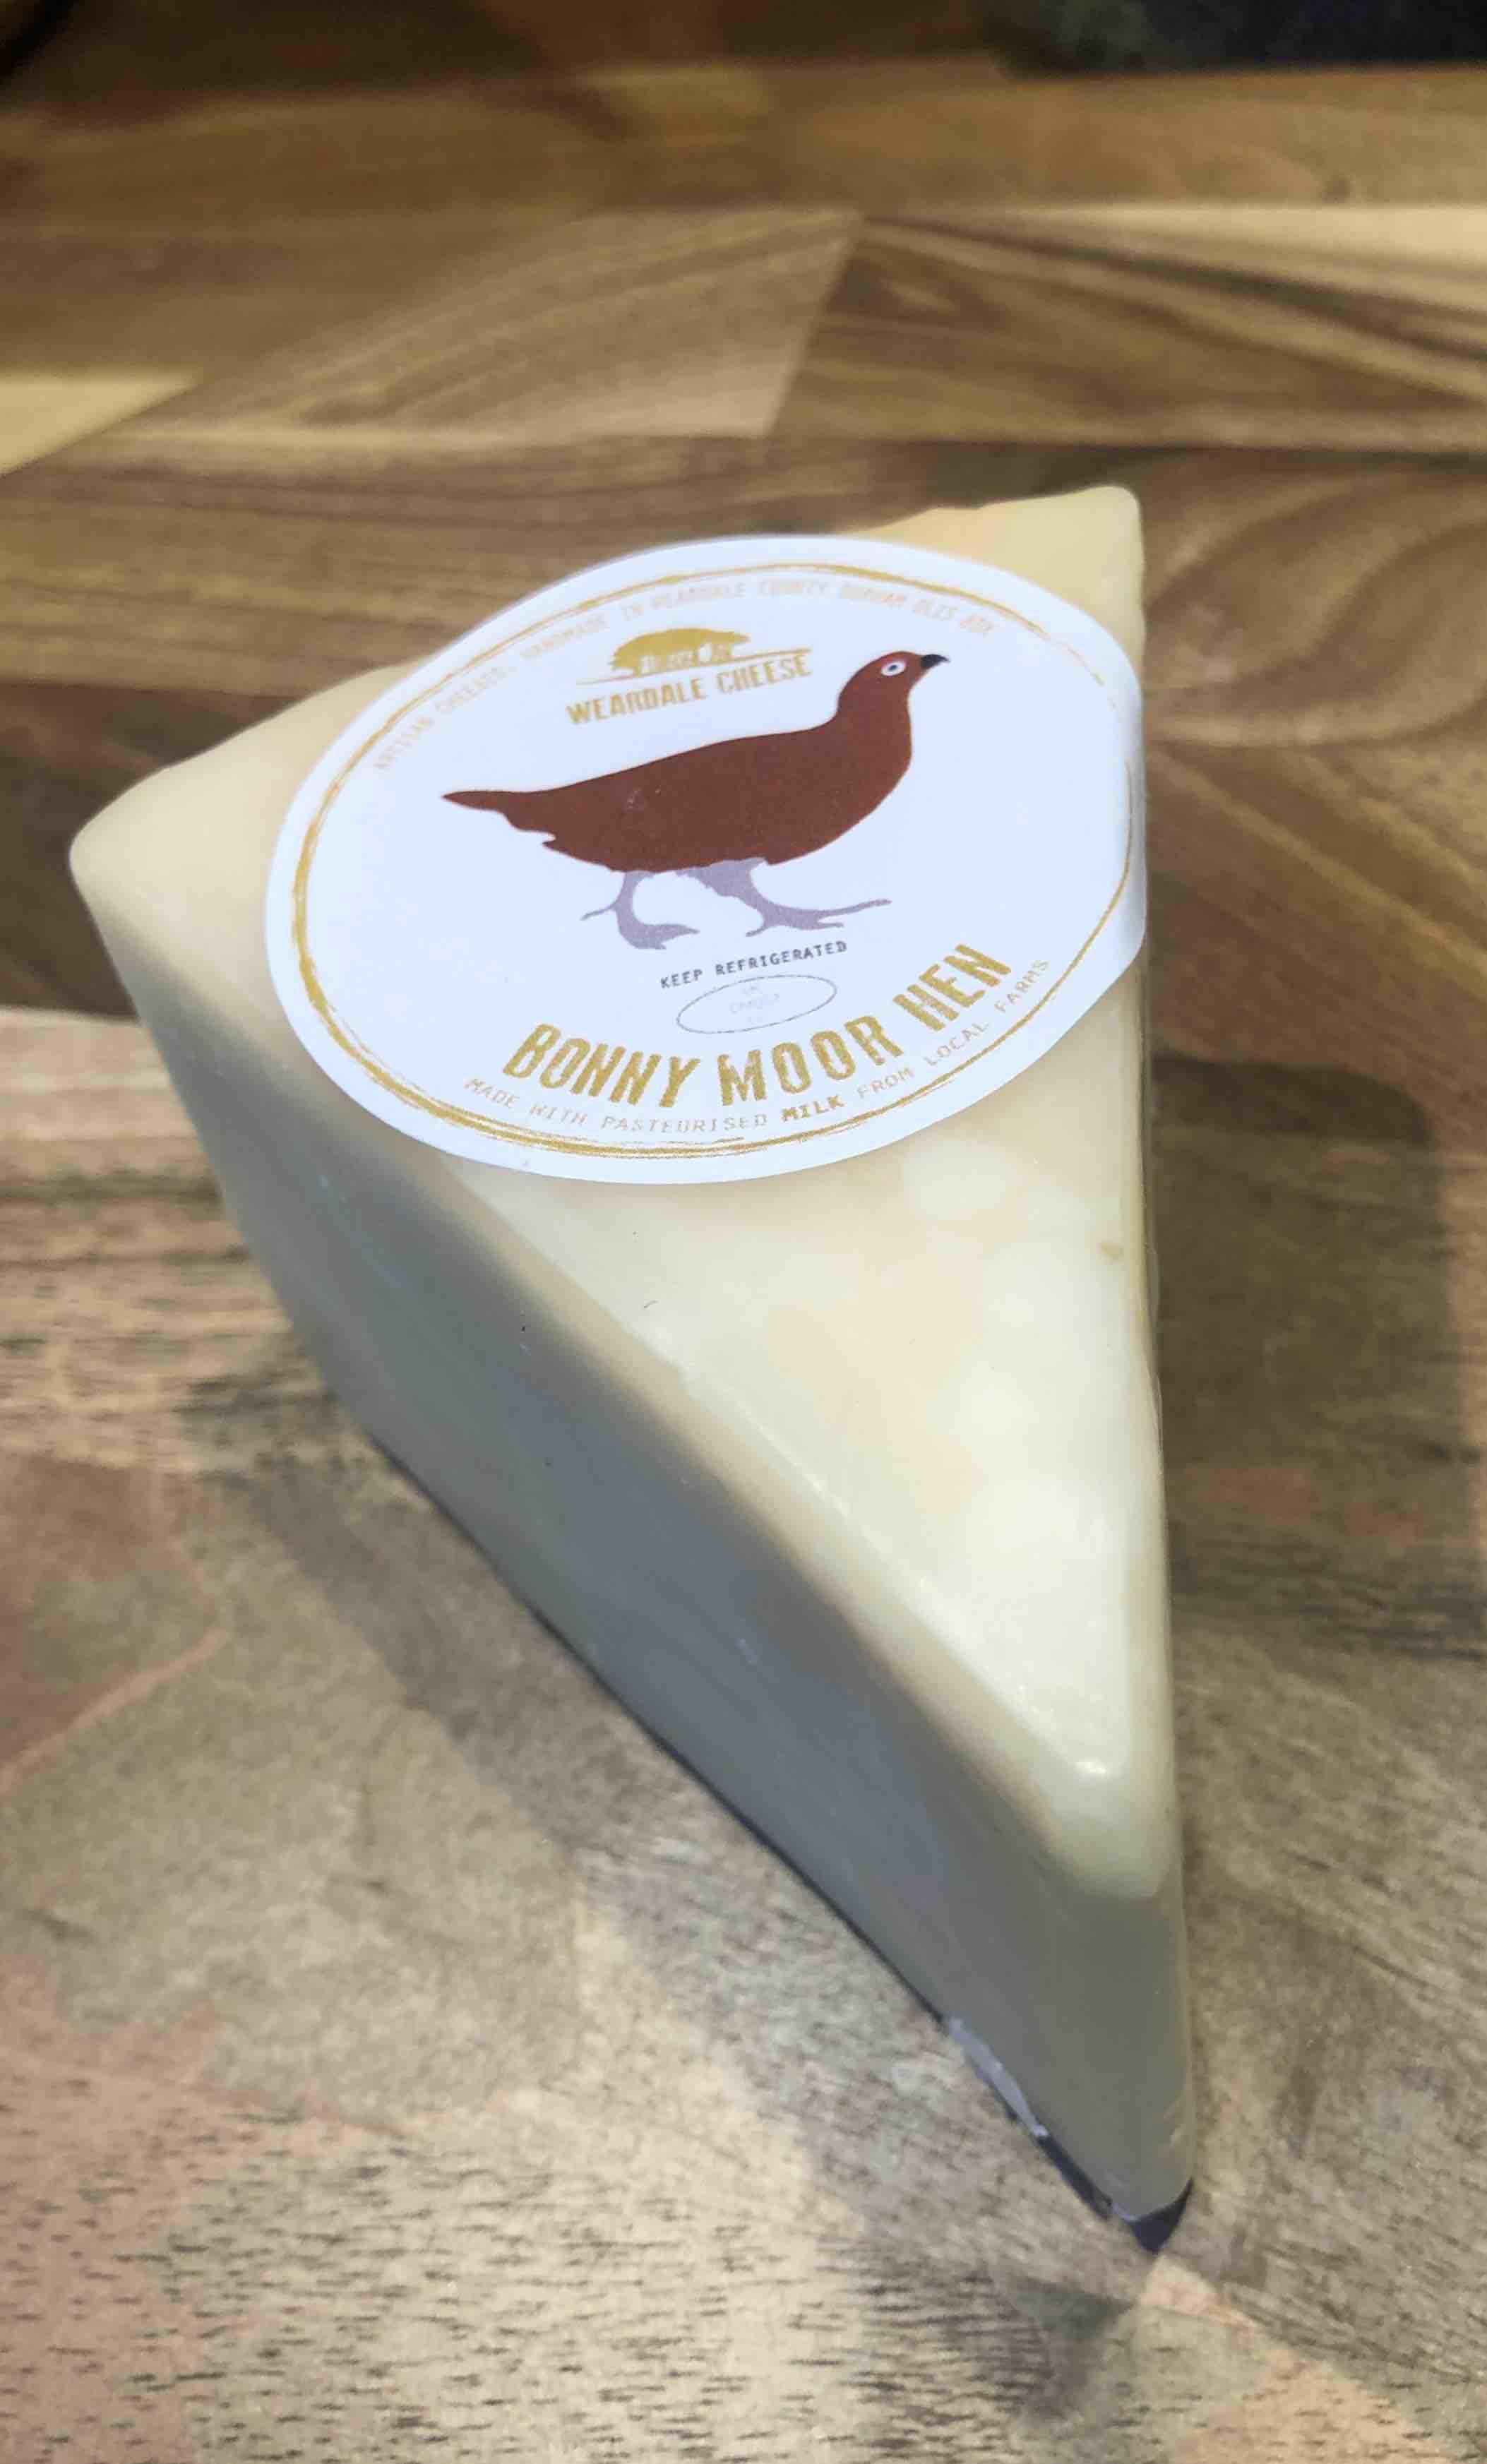 Weardale Cheese 'Bonny Moor Hen' (160g)